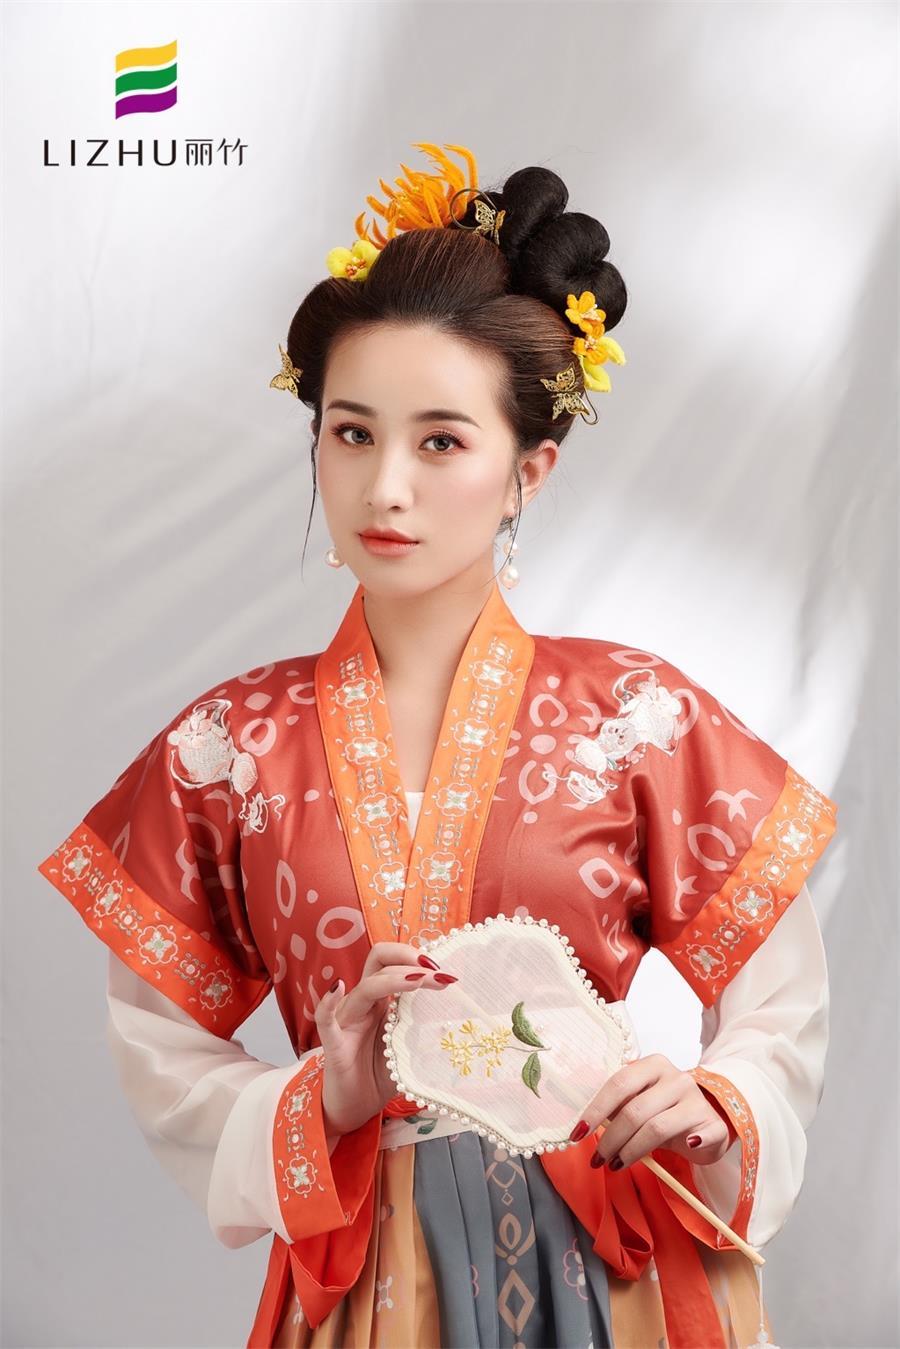 古代美人妆容造型